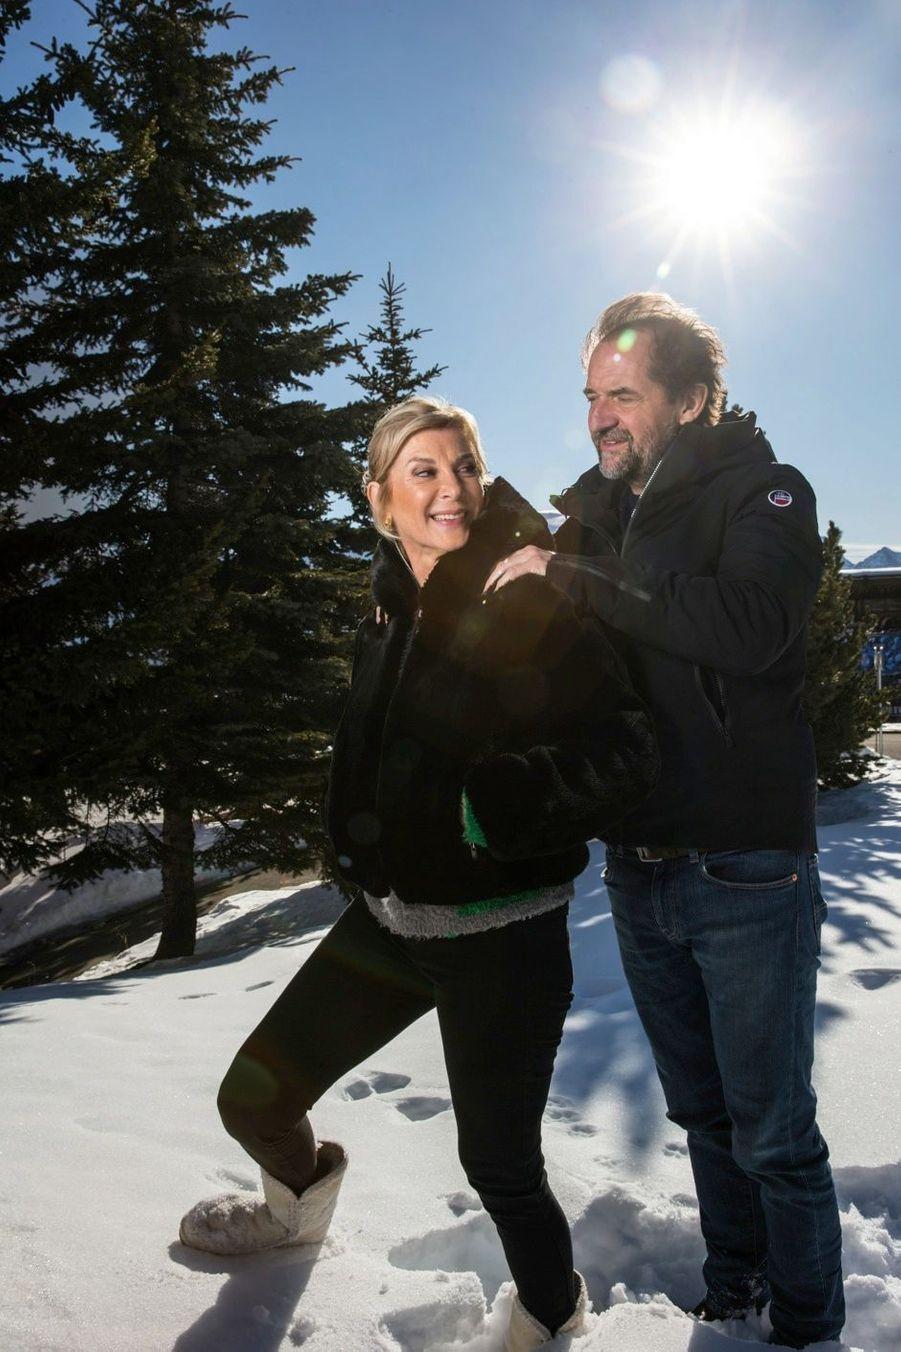 Michèle Laroque et Stéphane De Groodt, mari et femme dans « Chacun chez soi », réalisé par Michèle Laroque.